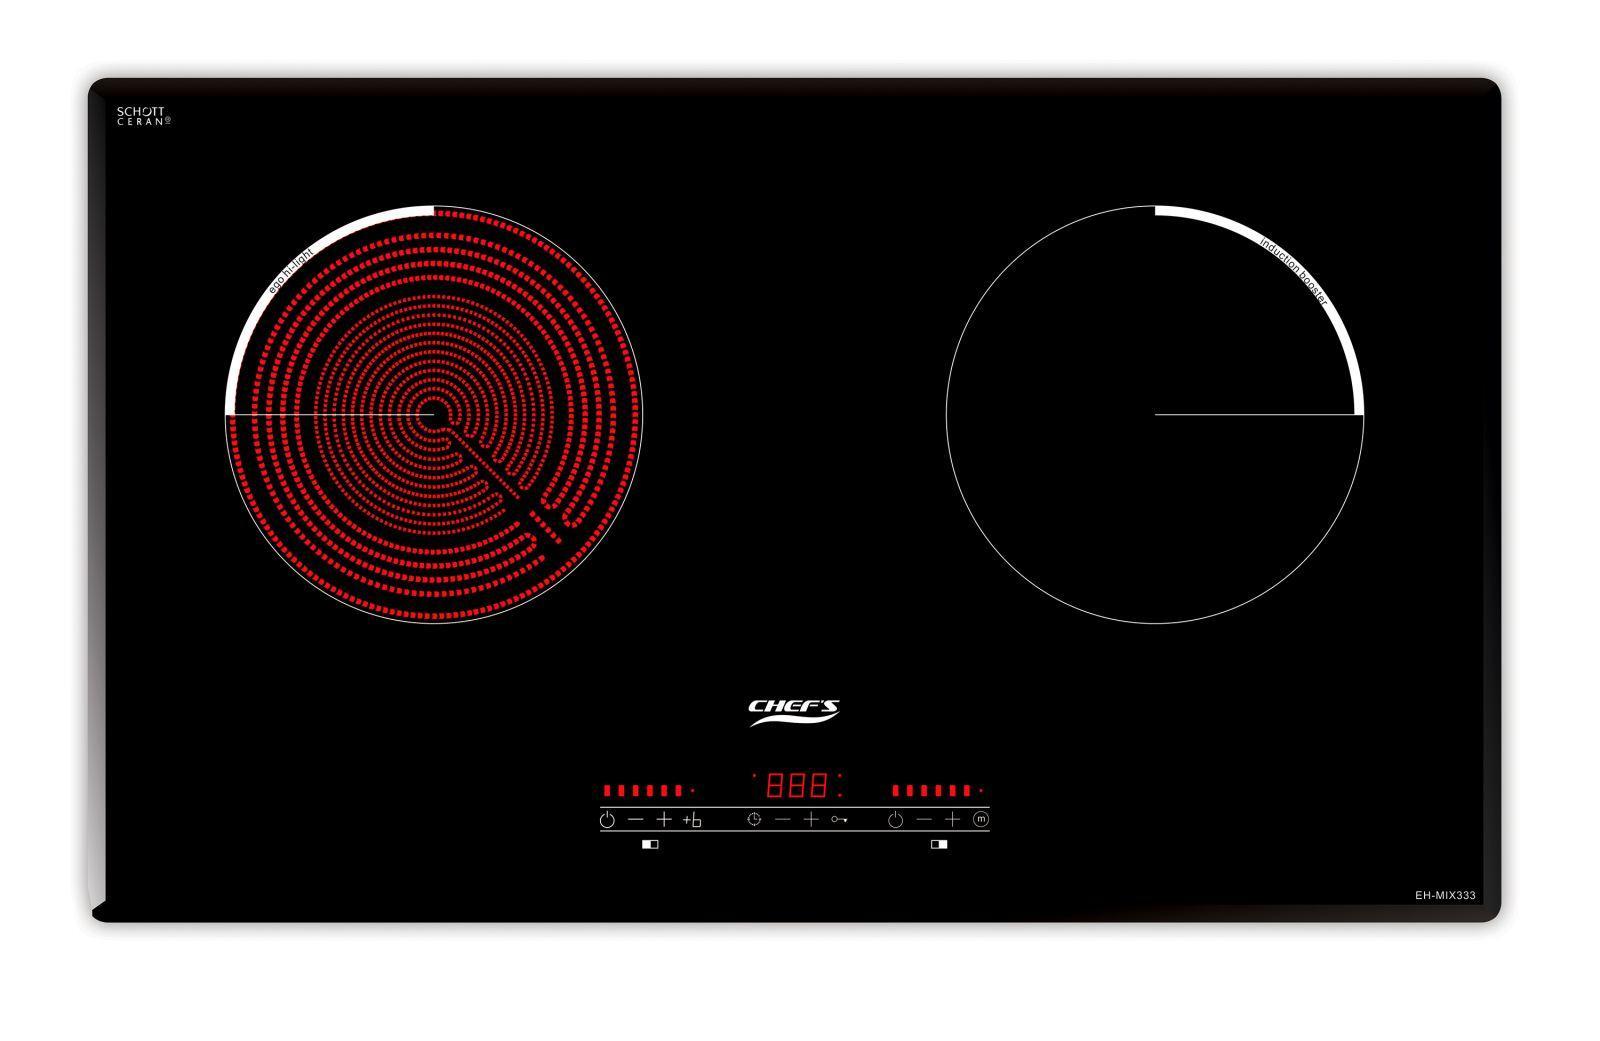 Bếp điện từ Chefs EH-MIX333 gồm 2 vùng nấu: 1 điện, 1 từ